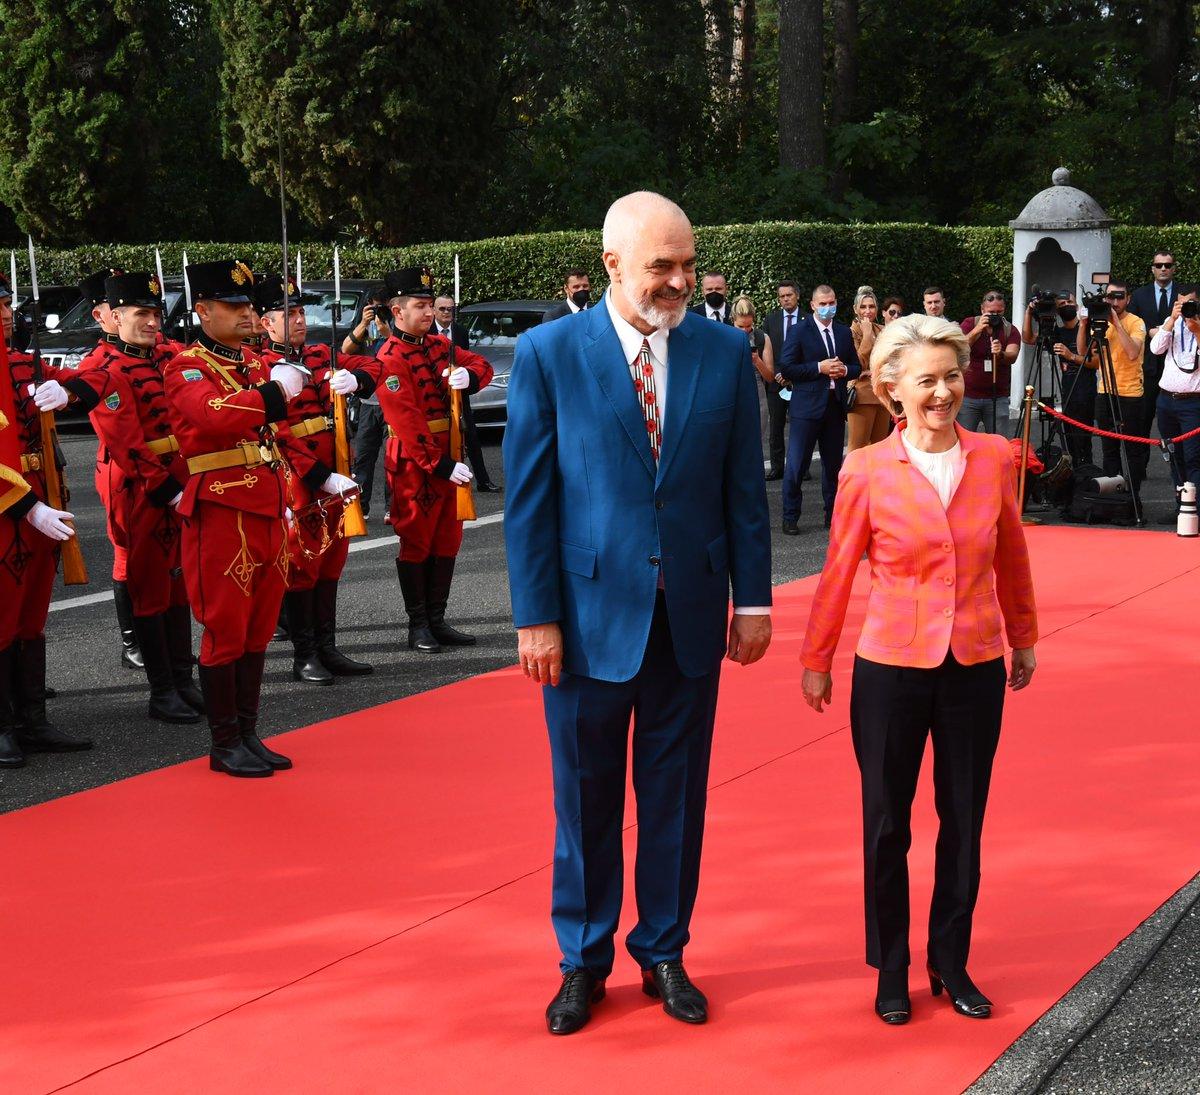 Ursula von der Leyen started her tour of the Western Balkans from Tirana